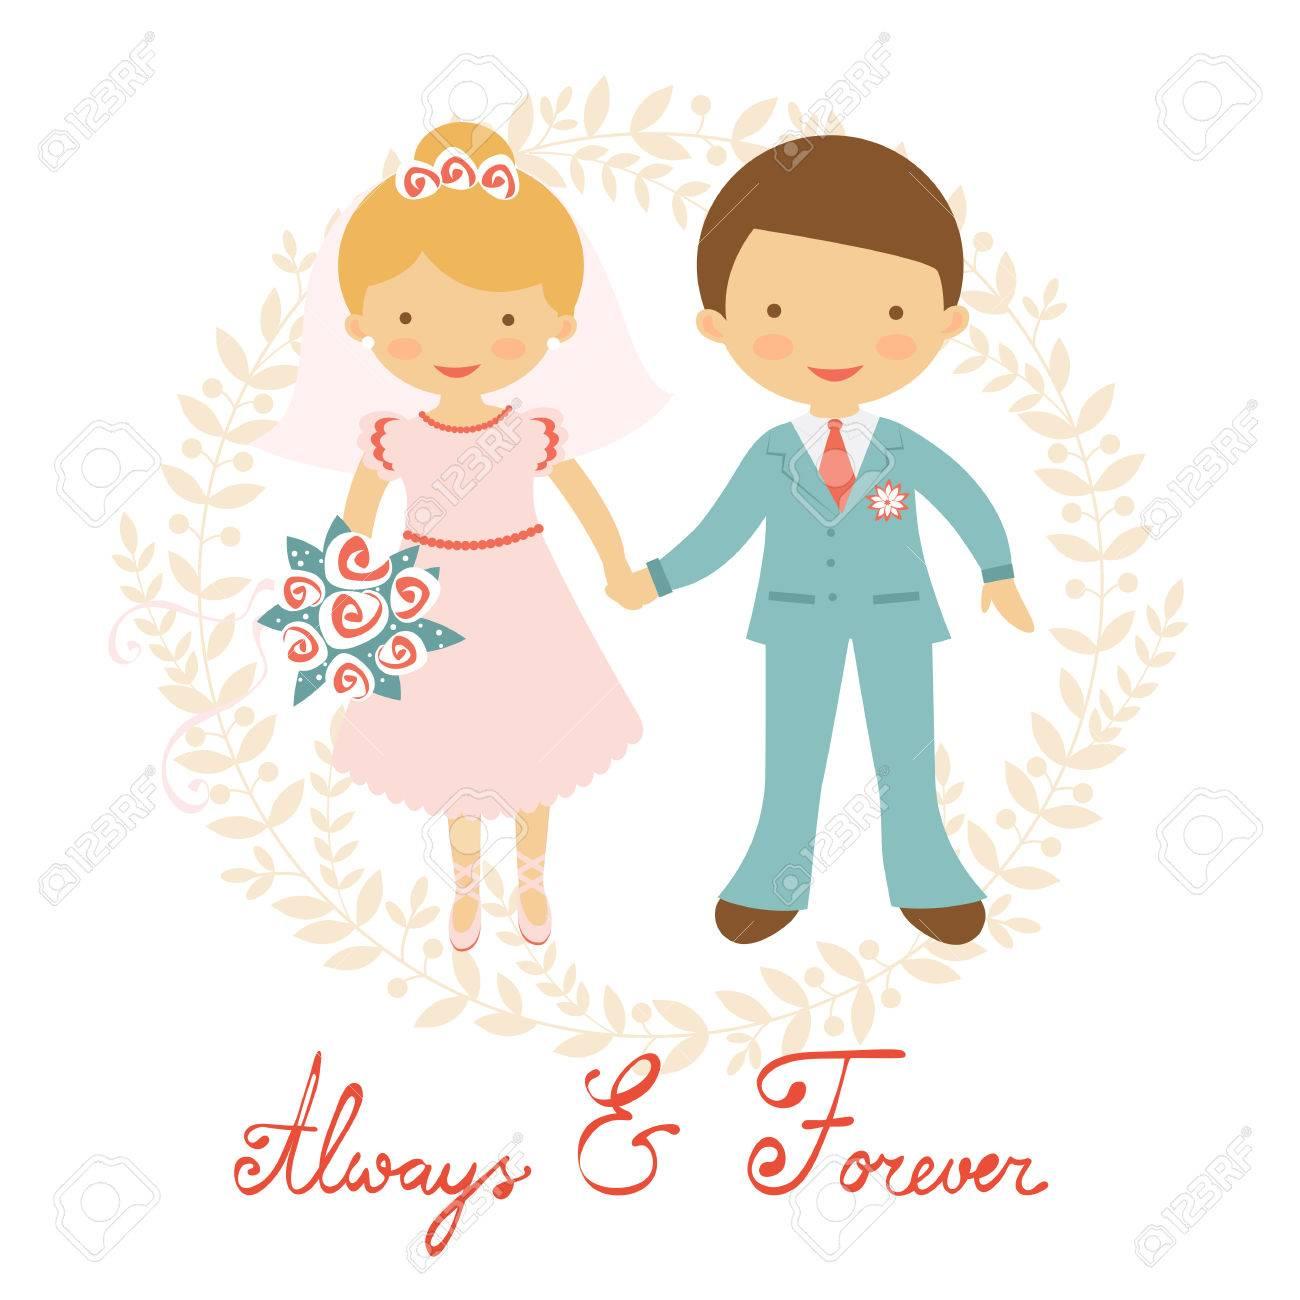 パステル カラーでかわいい結婚式のカップル。ベクトル イラスト